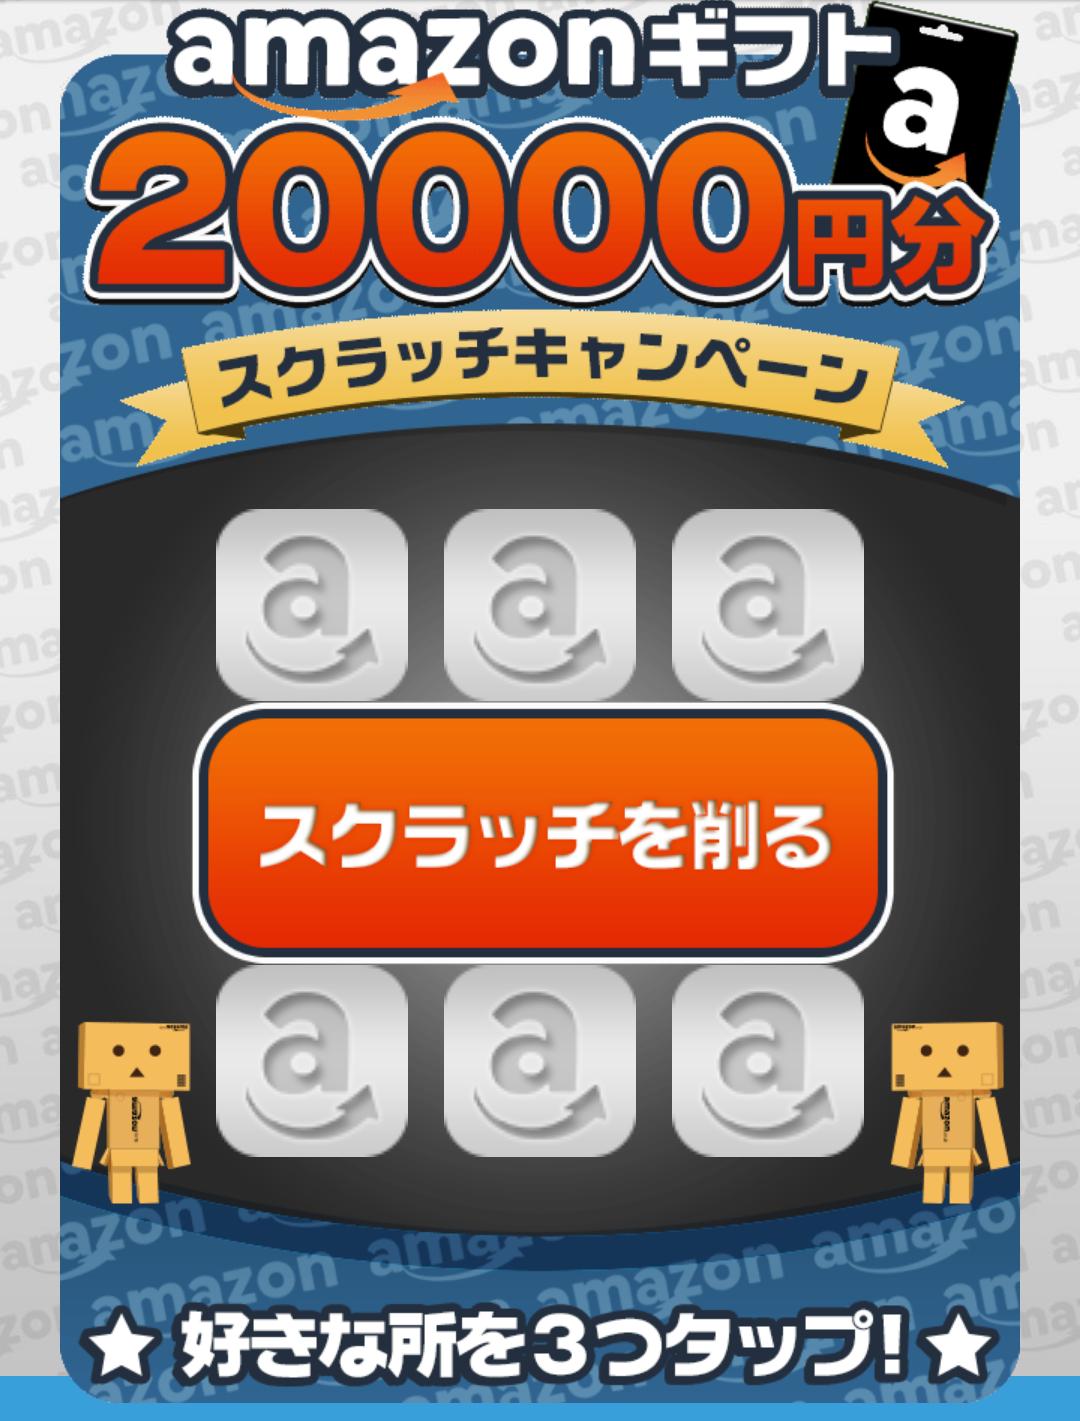 キラキラウォーカー/Amazonギフト券20,000円スクラッチ